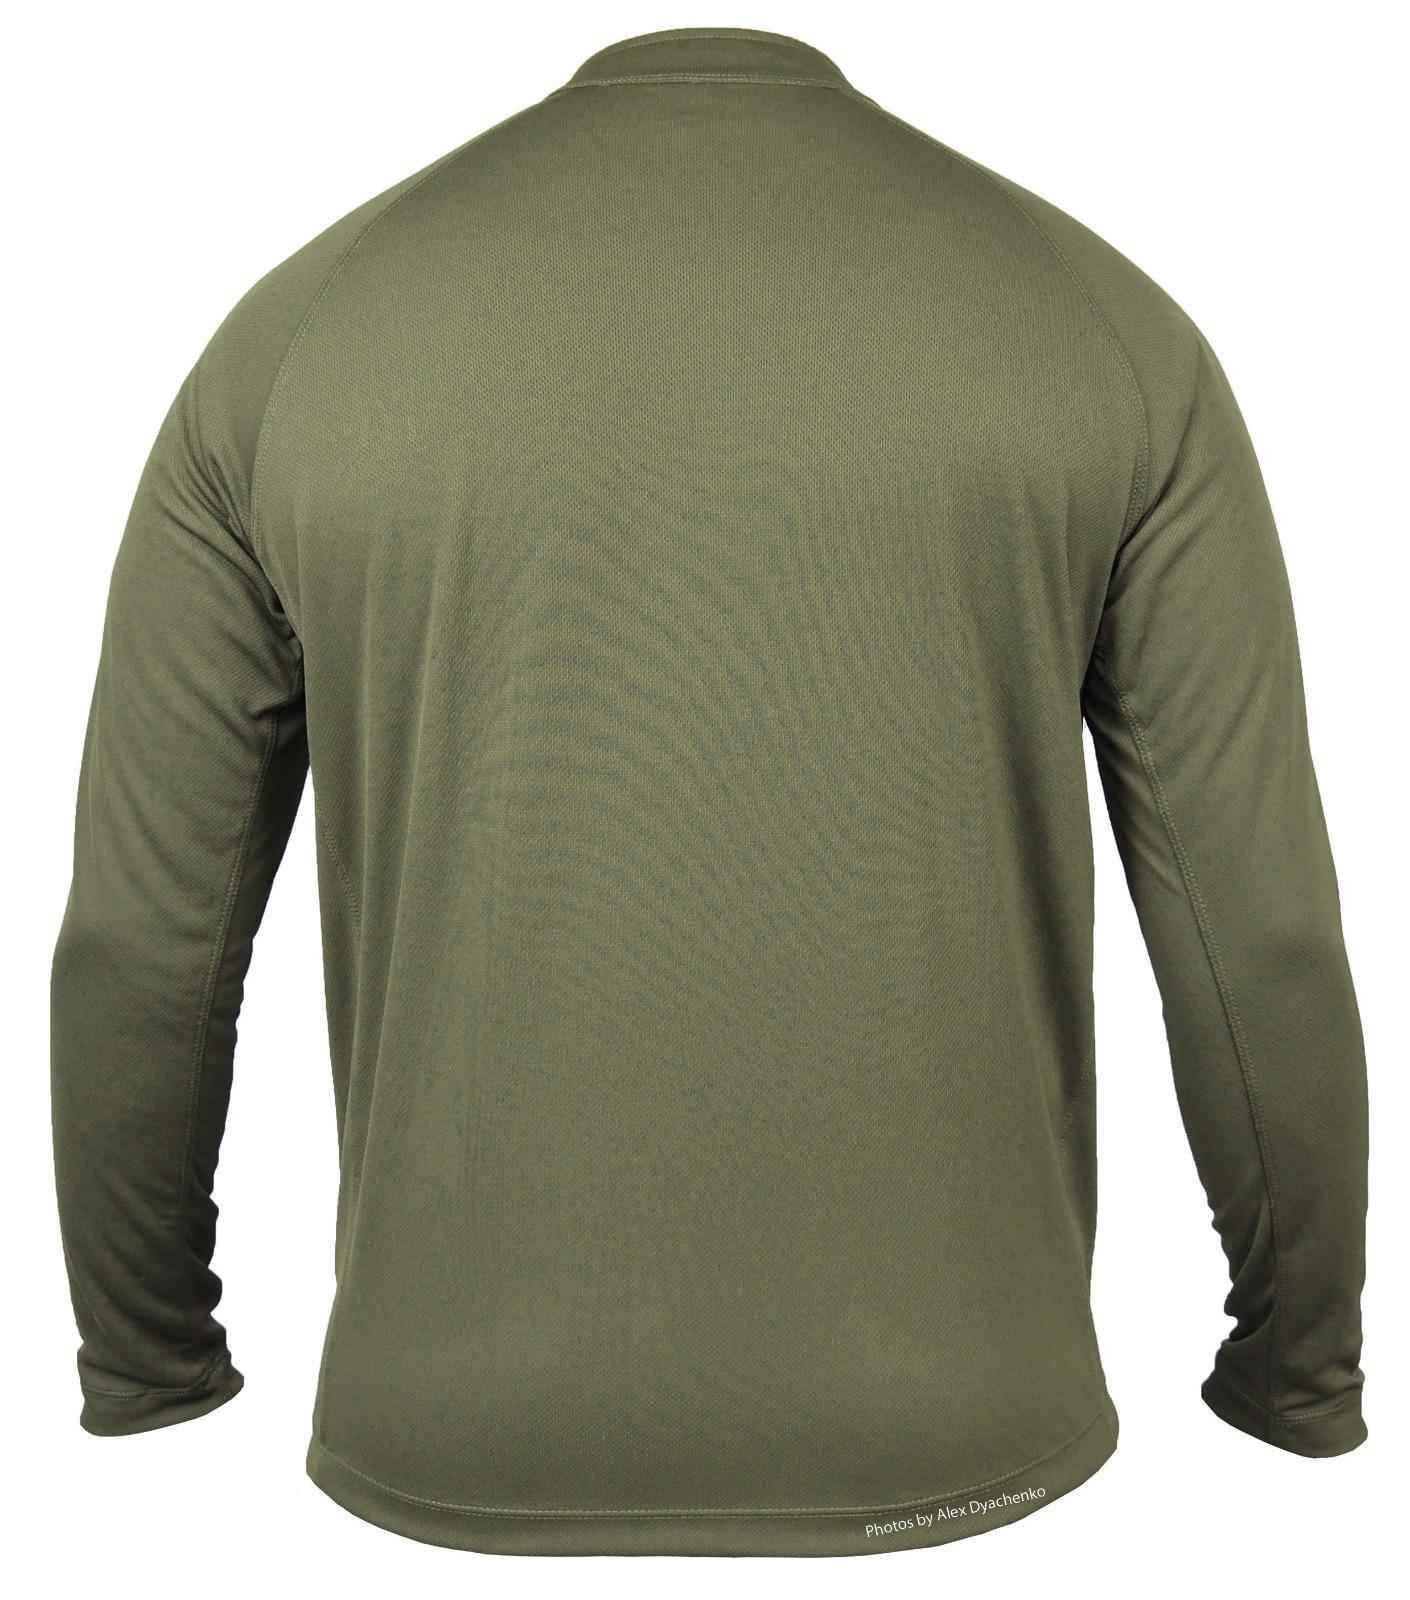 חולצת אימון קיצית טקטית ללוחם  1/4 ZIP  מדי  אימון ולחימה צבע ירוק זית דגם 76 Keela